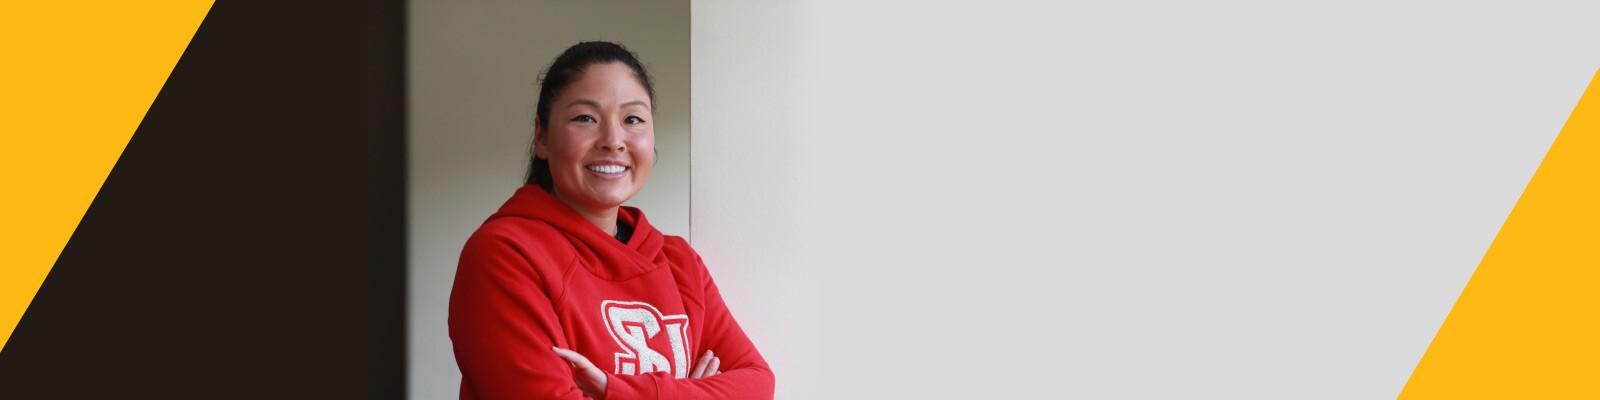 Woman wearing red Seattle University sweatshirt